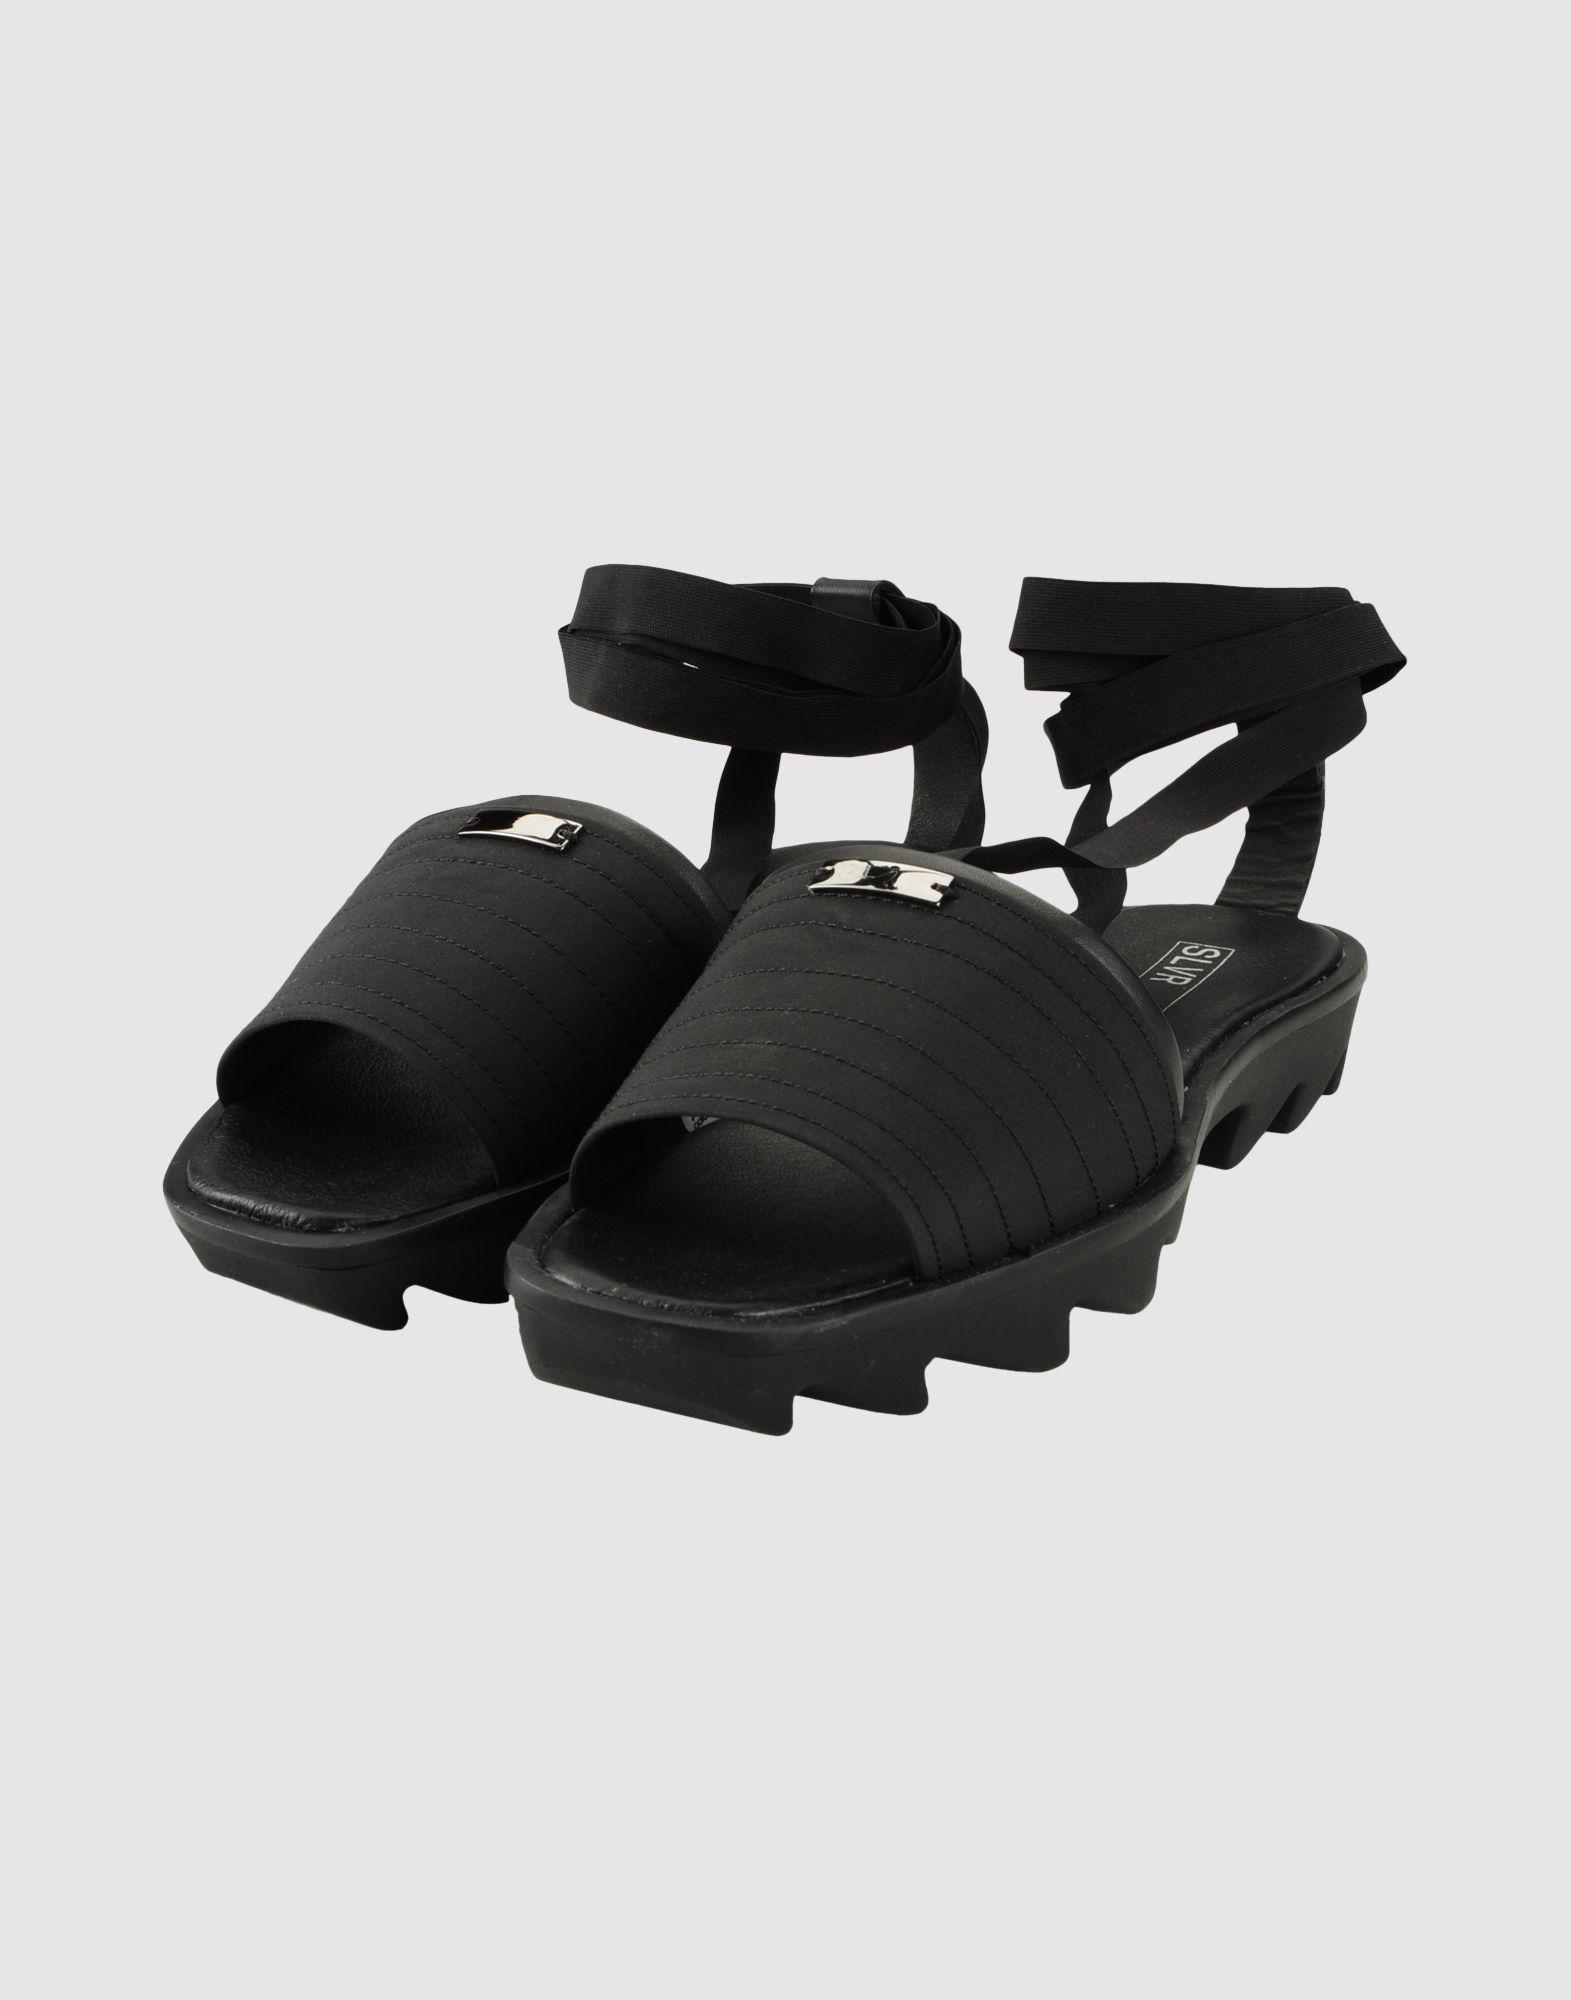 f467f7c91 Adidas SLVR Sandals in Black - Lyst